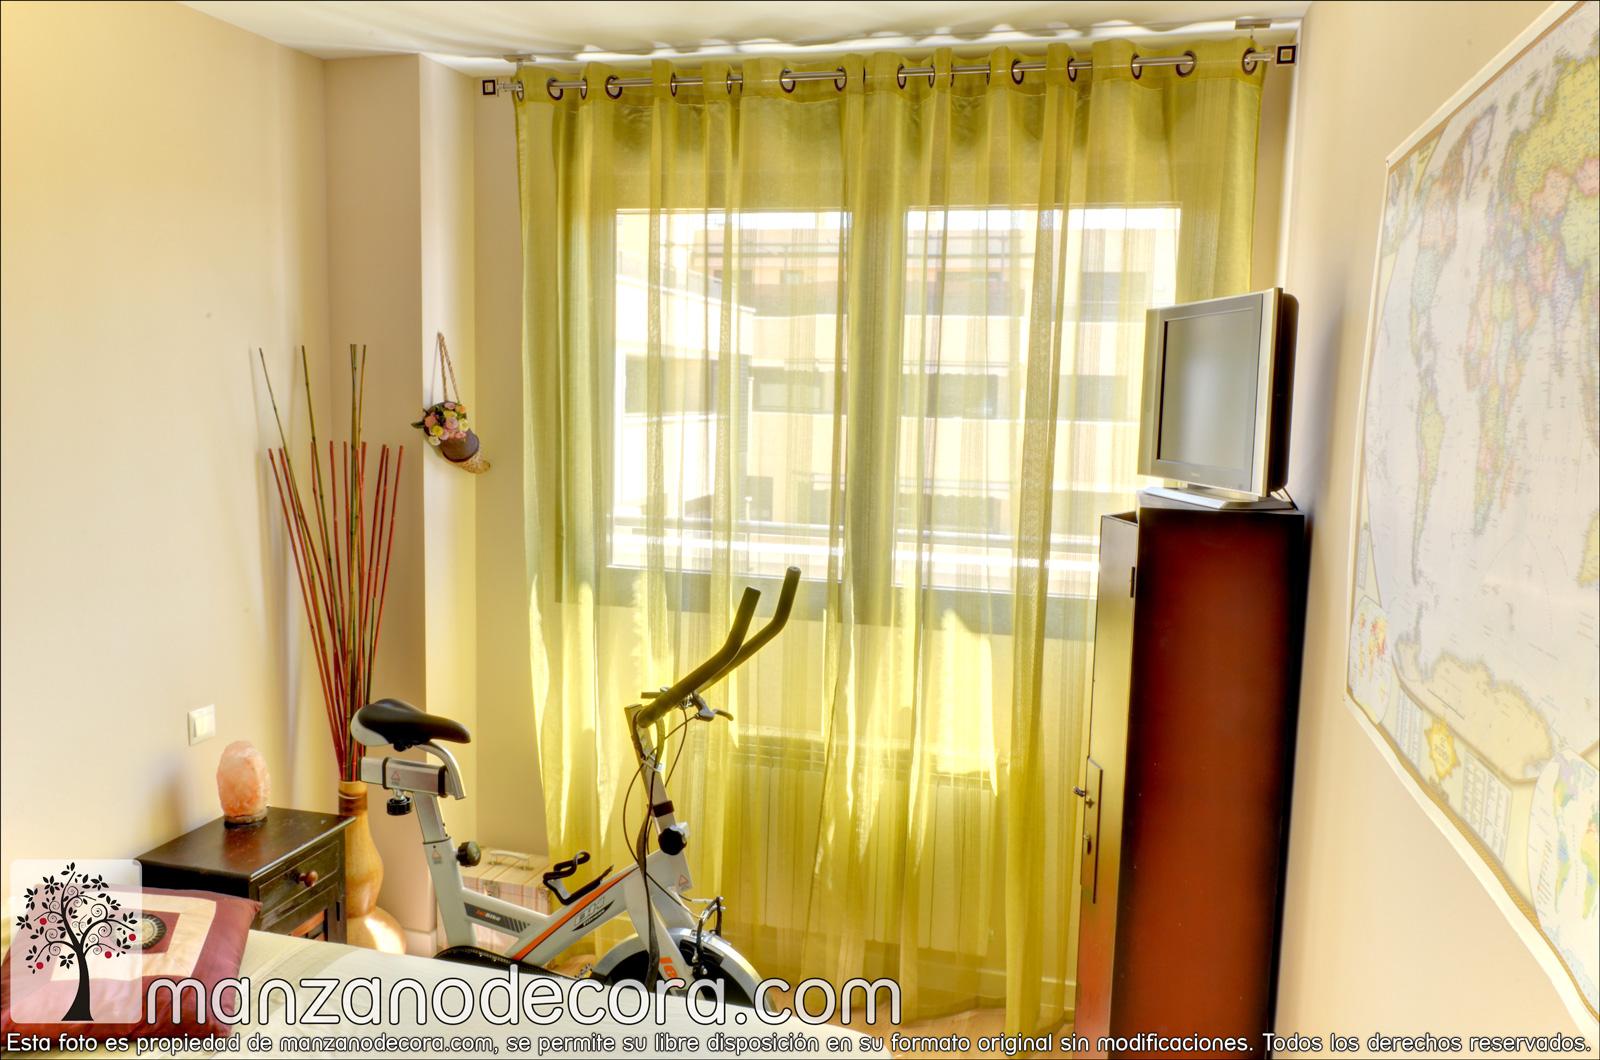 El amarillo en cortinas est de moda blog de - Moda en cortinas de salon ...